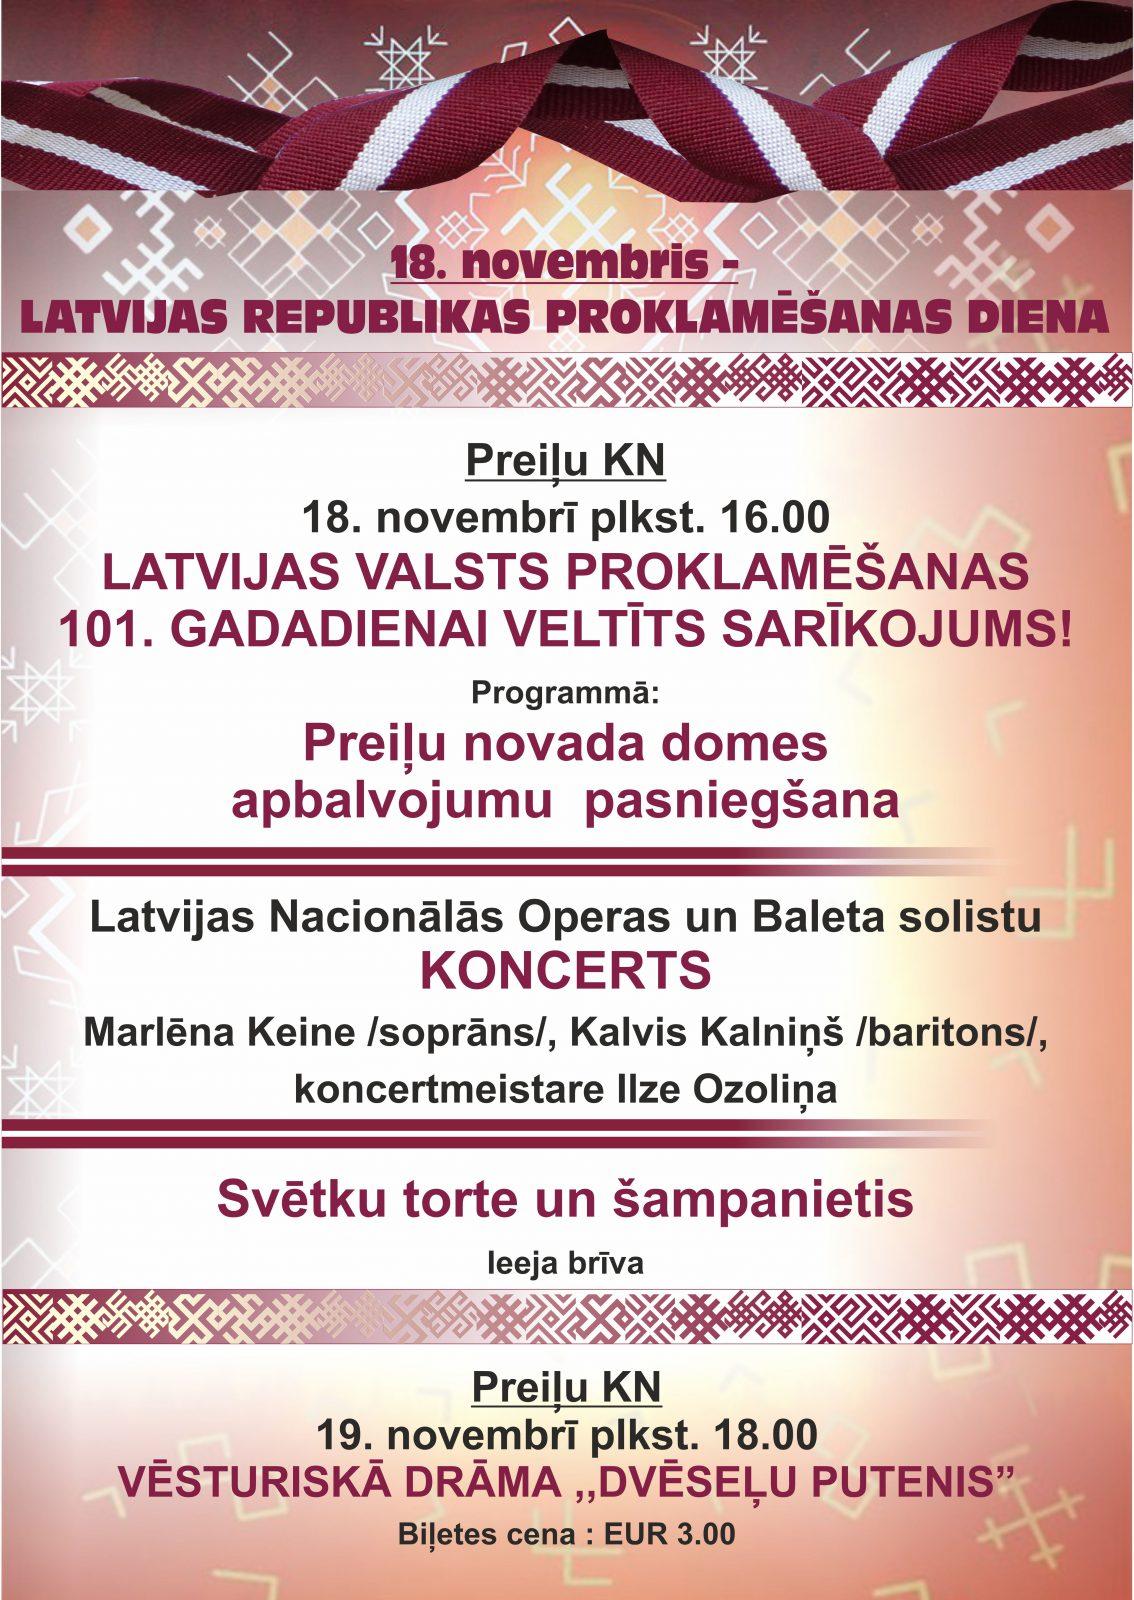 18. novembrī Preiļu KN Latvijas valsts proklamēšanas 101. gadadienai veltīts sarīkojums